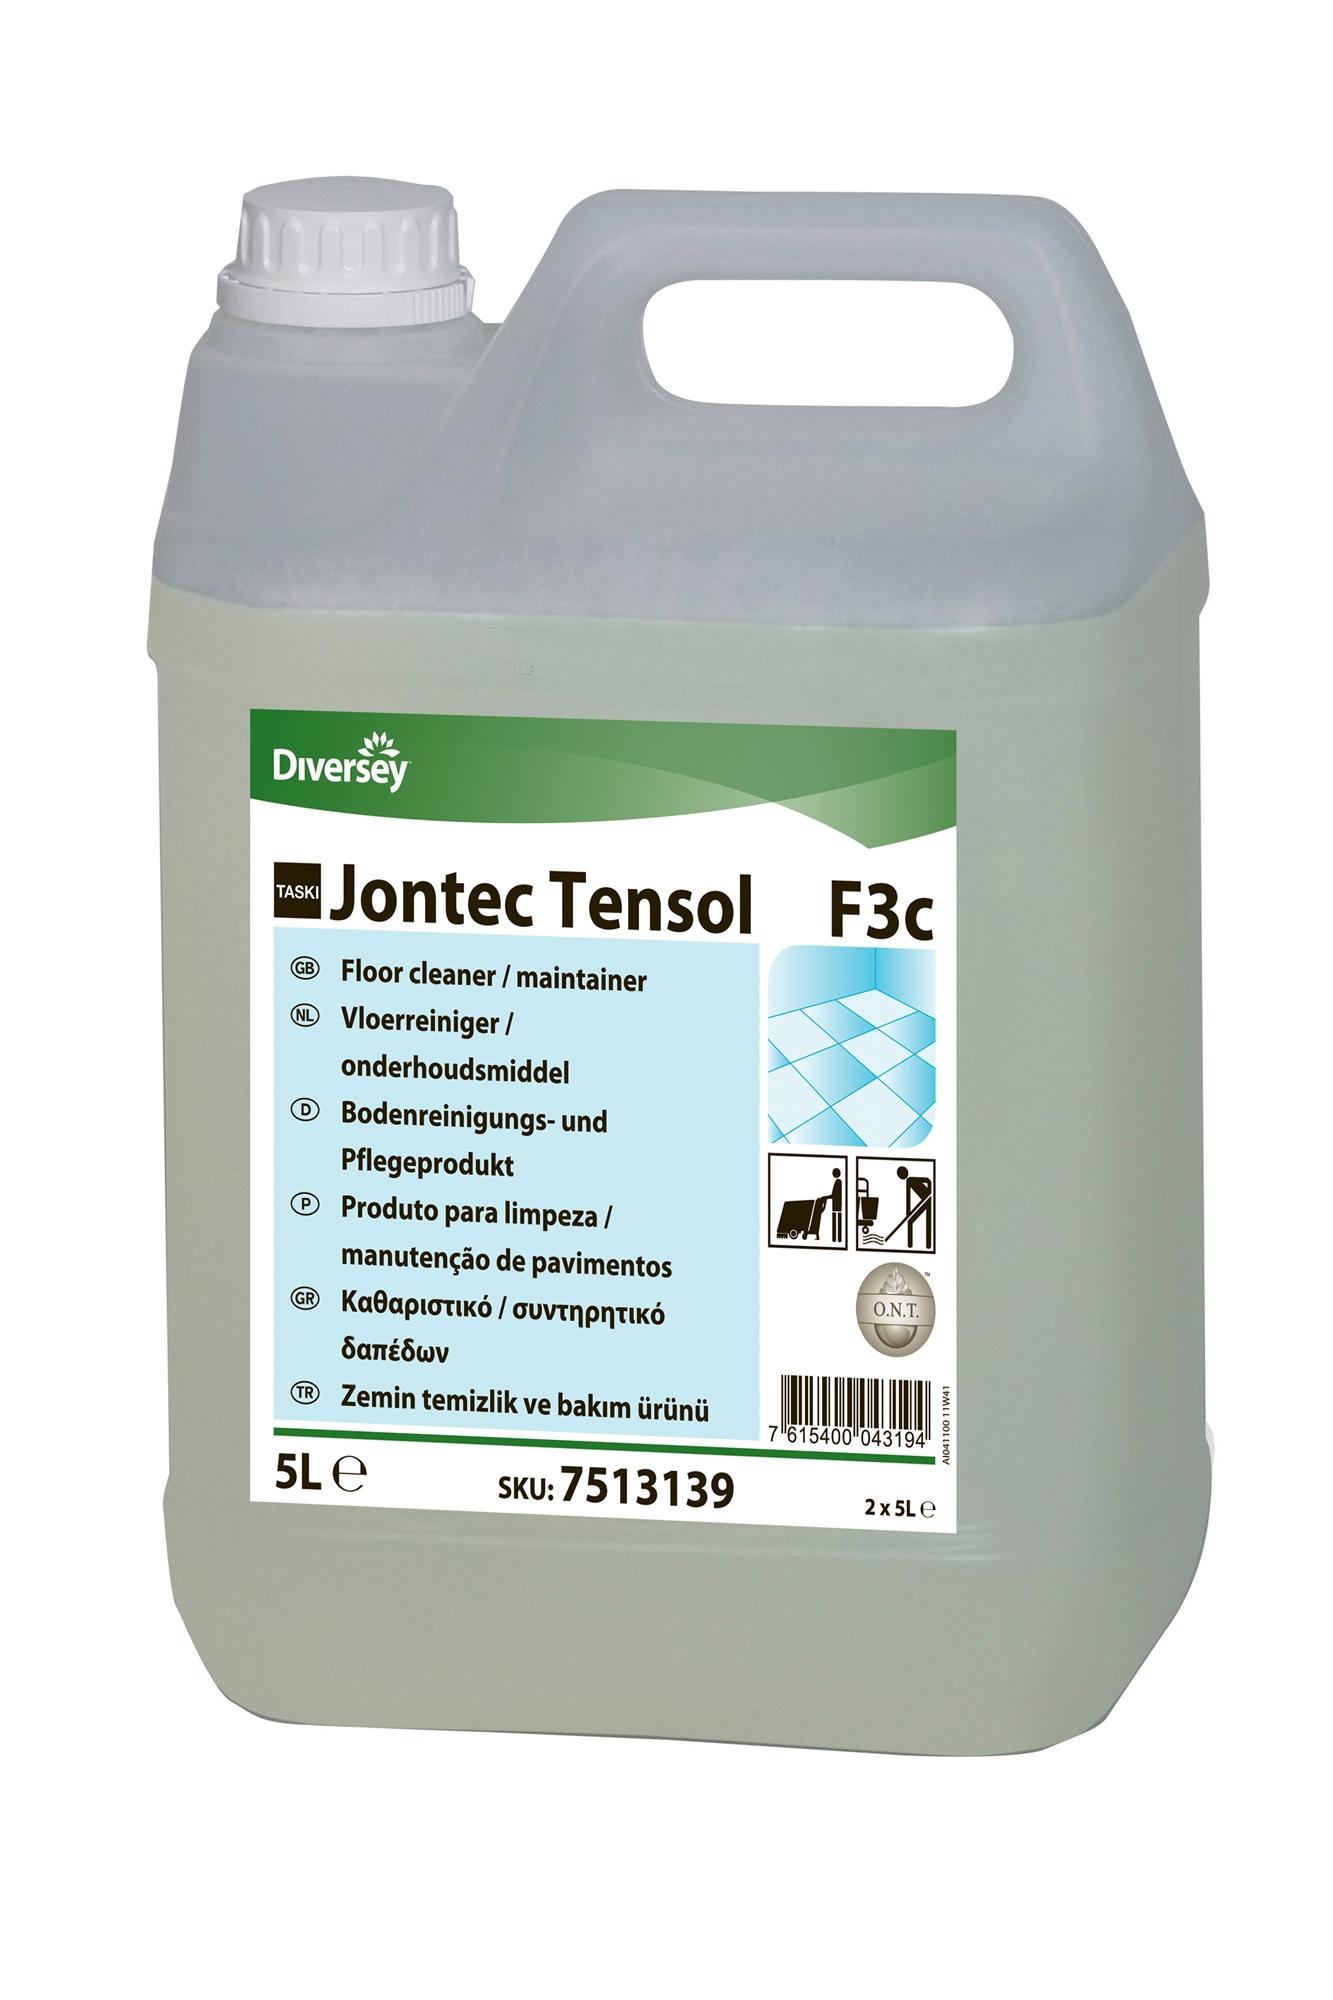 Taski Jontec Tensol F3c